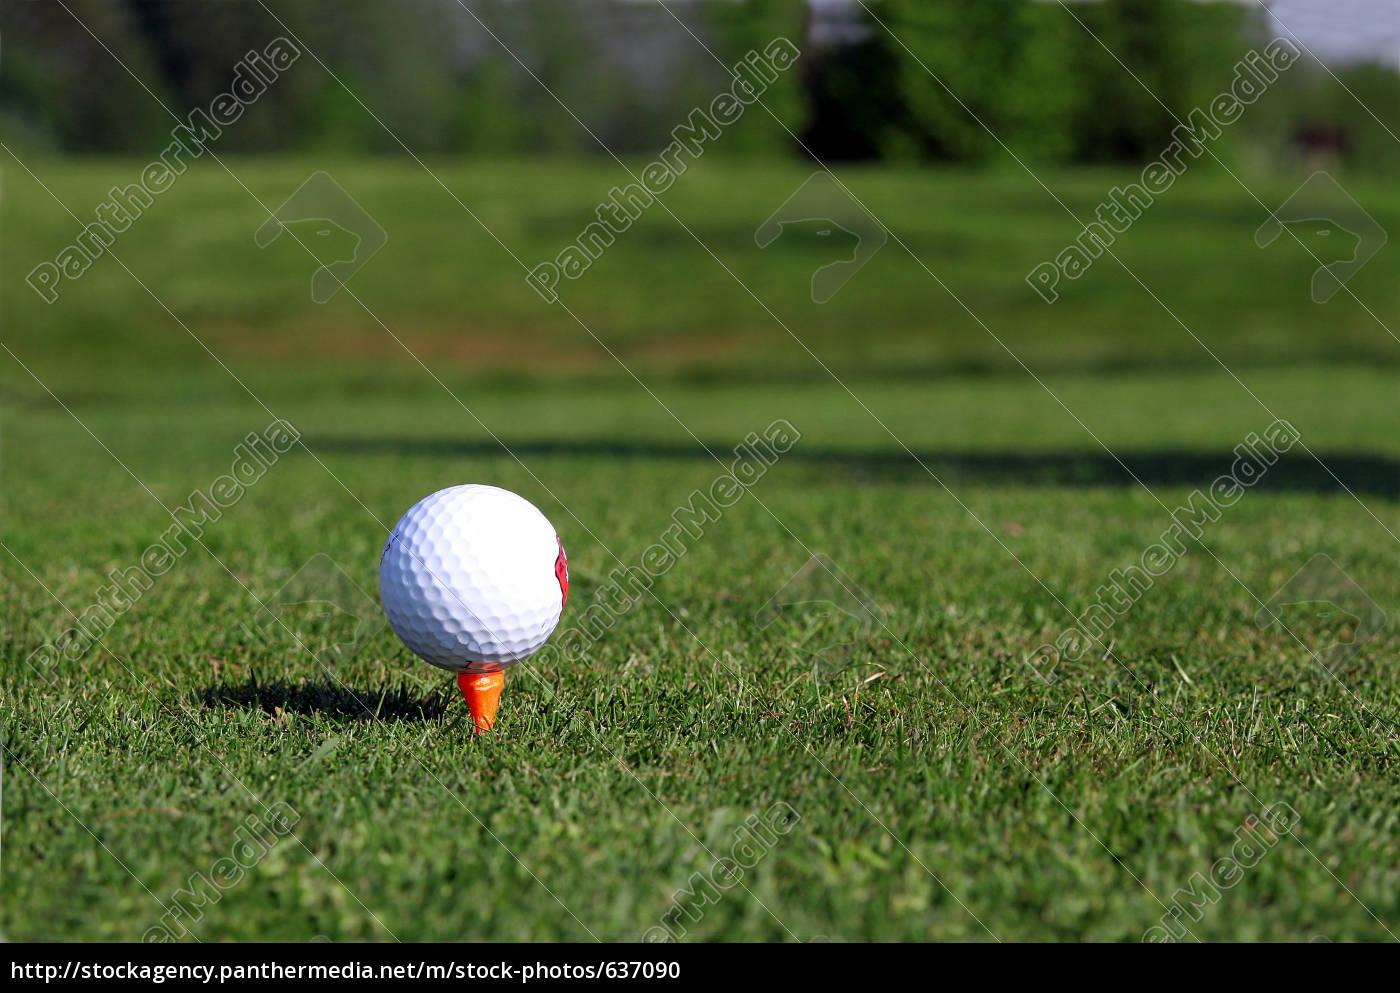 golf, ball - 637090